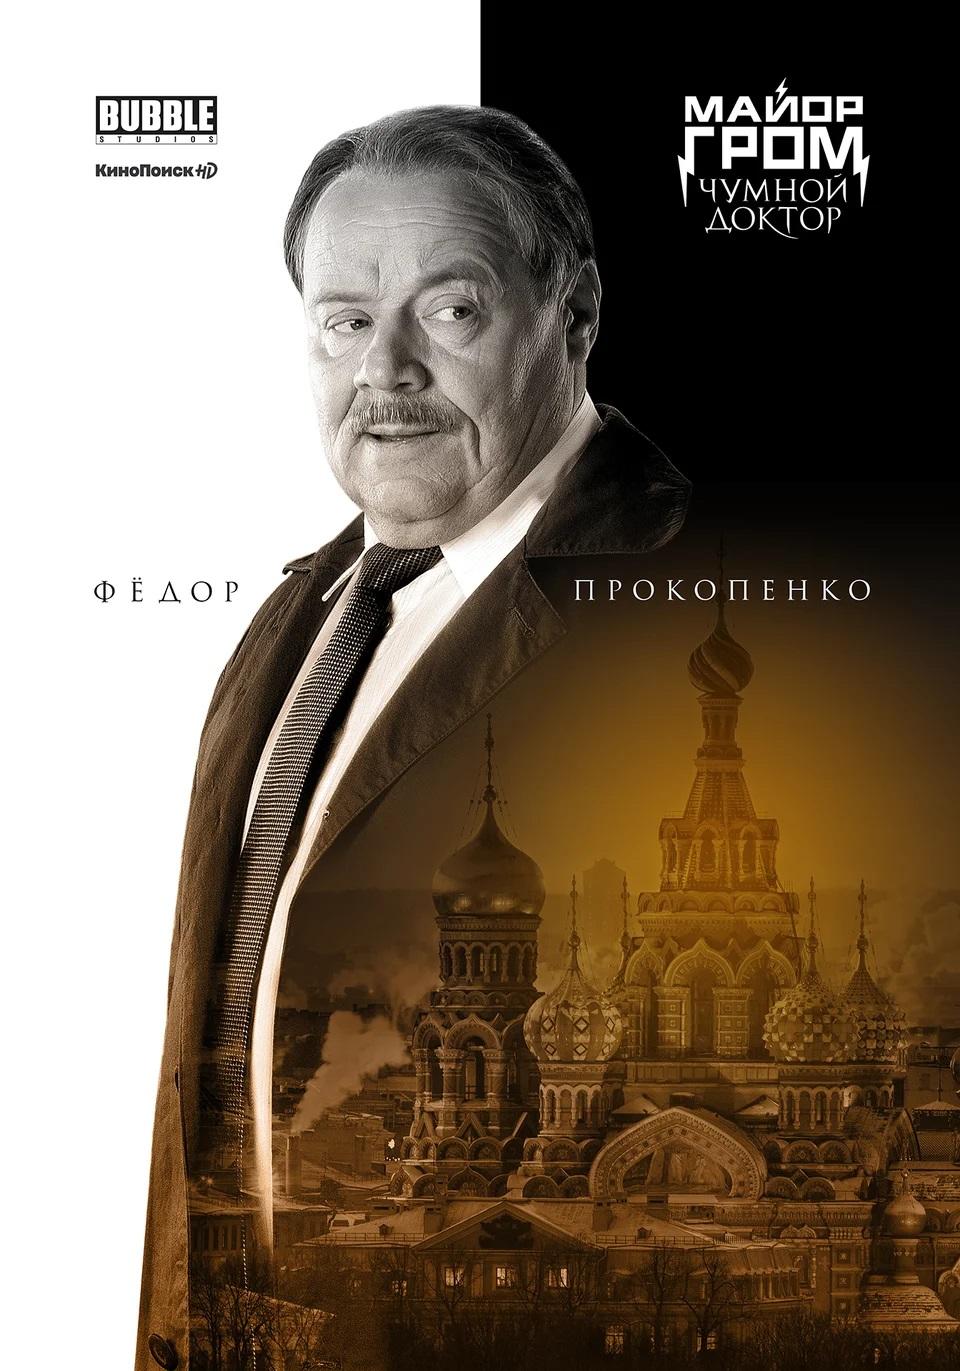 Появились персональные постеры фильма «Майор Гром: Чумной Доктор» | Канобу - Изображение 4339